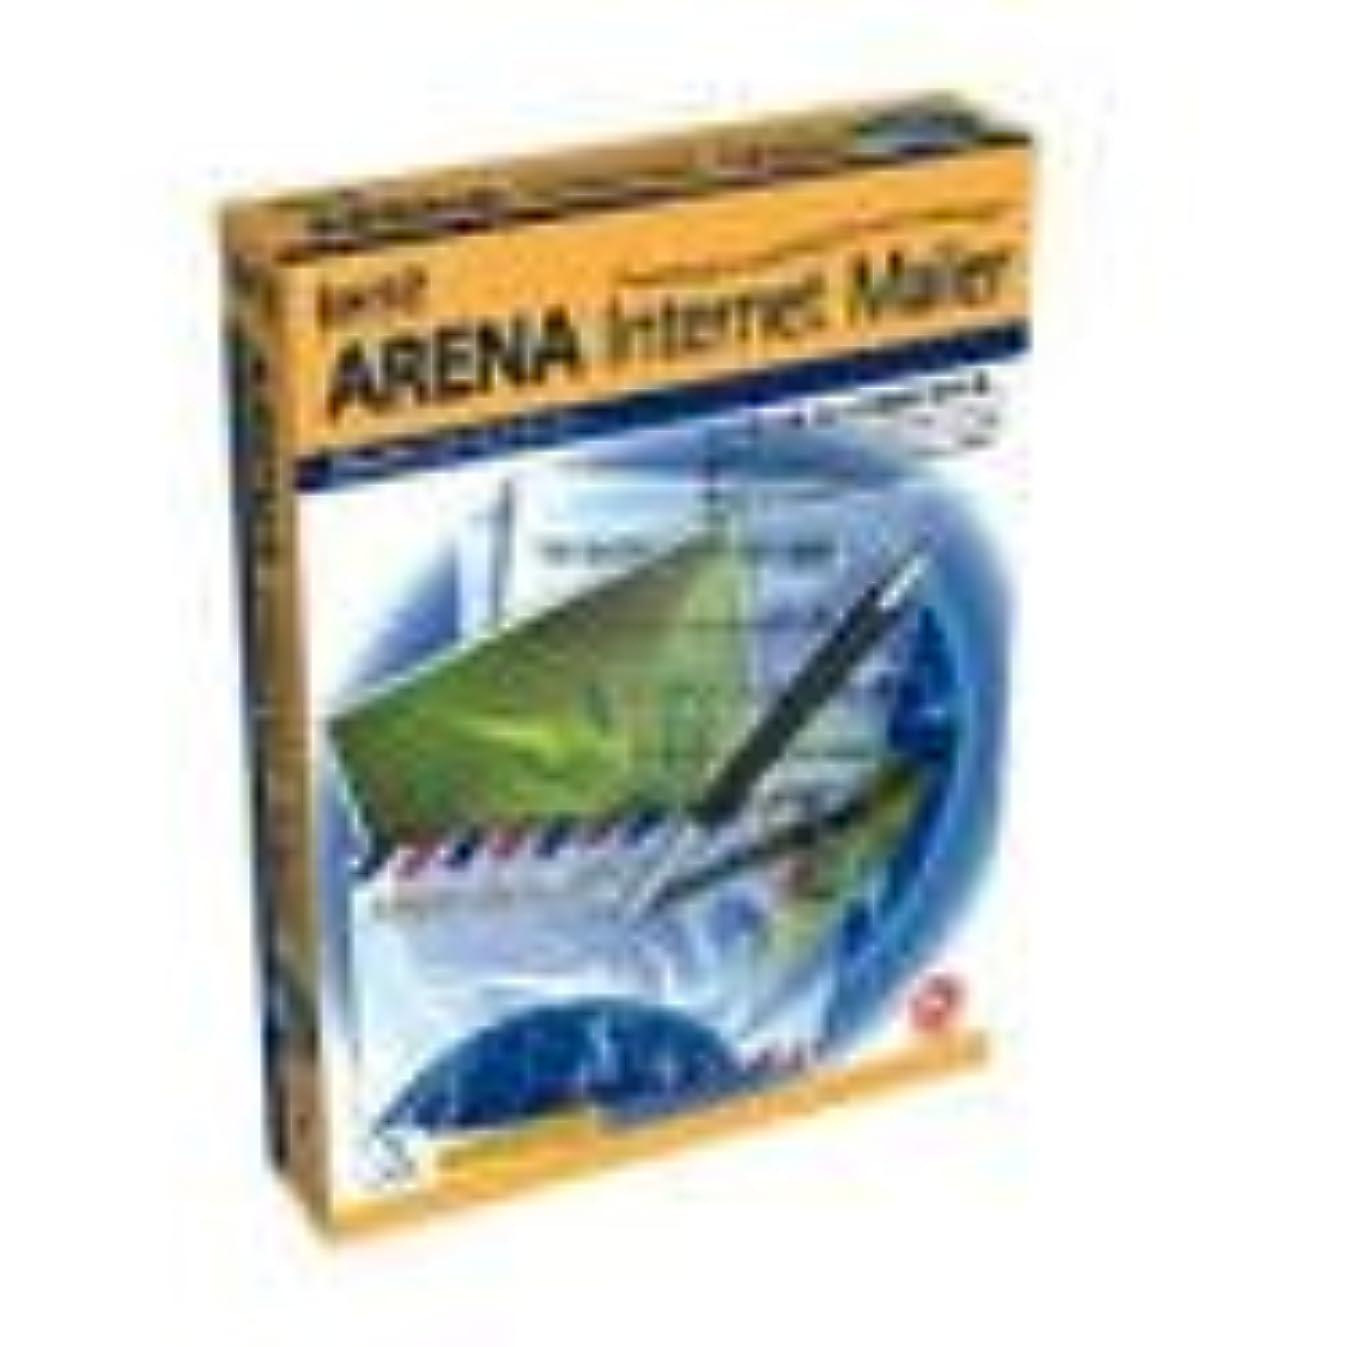 バナーサバントケイ素ARENA Internet Mailer 2.1